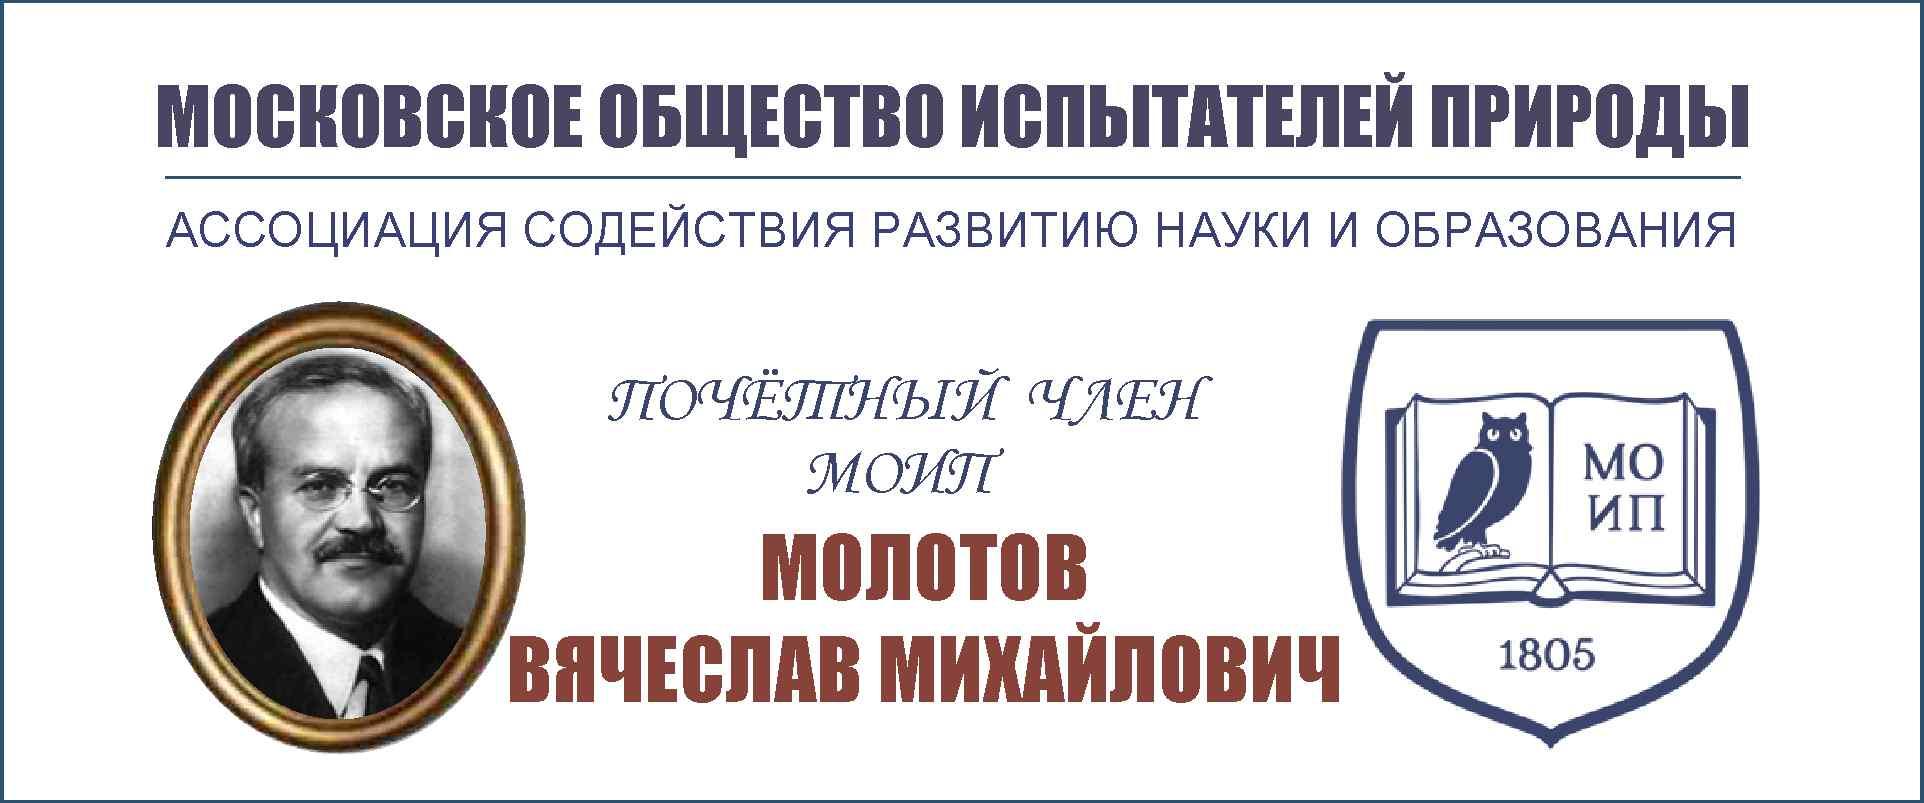 В.М.Молотов (Скрябин) – почетный член МОИП